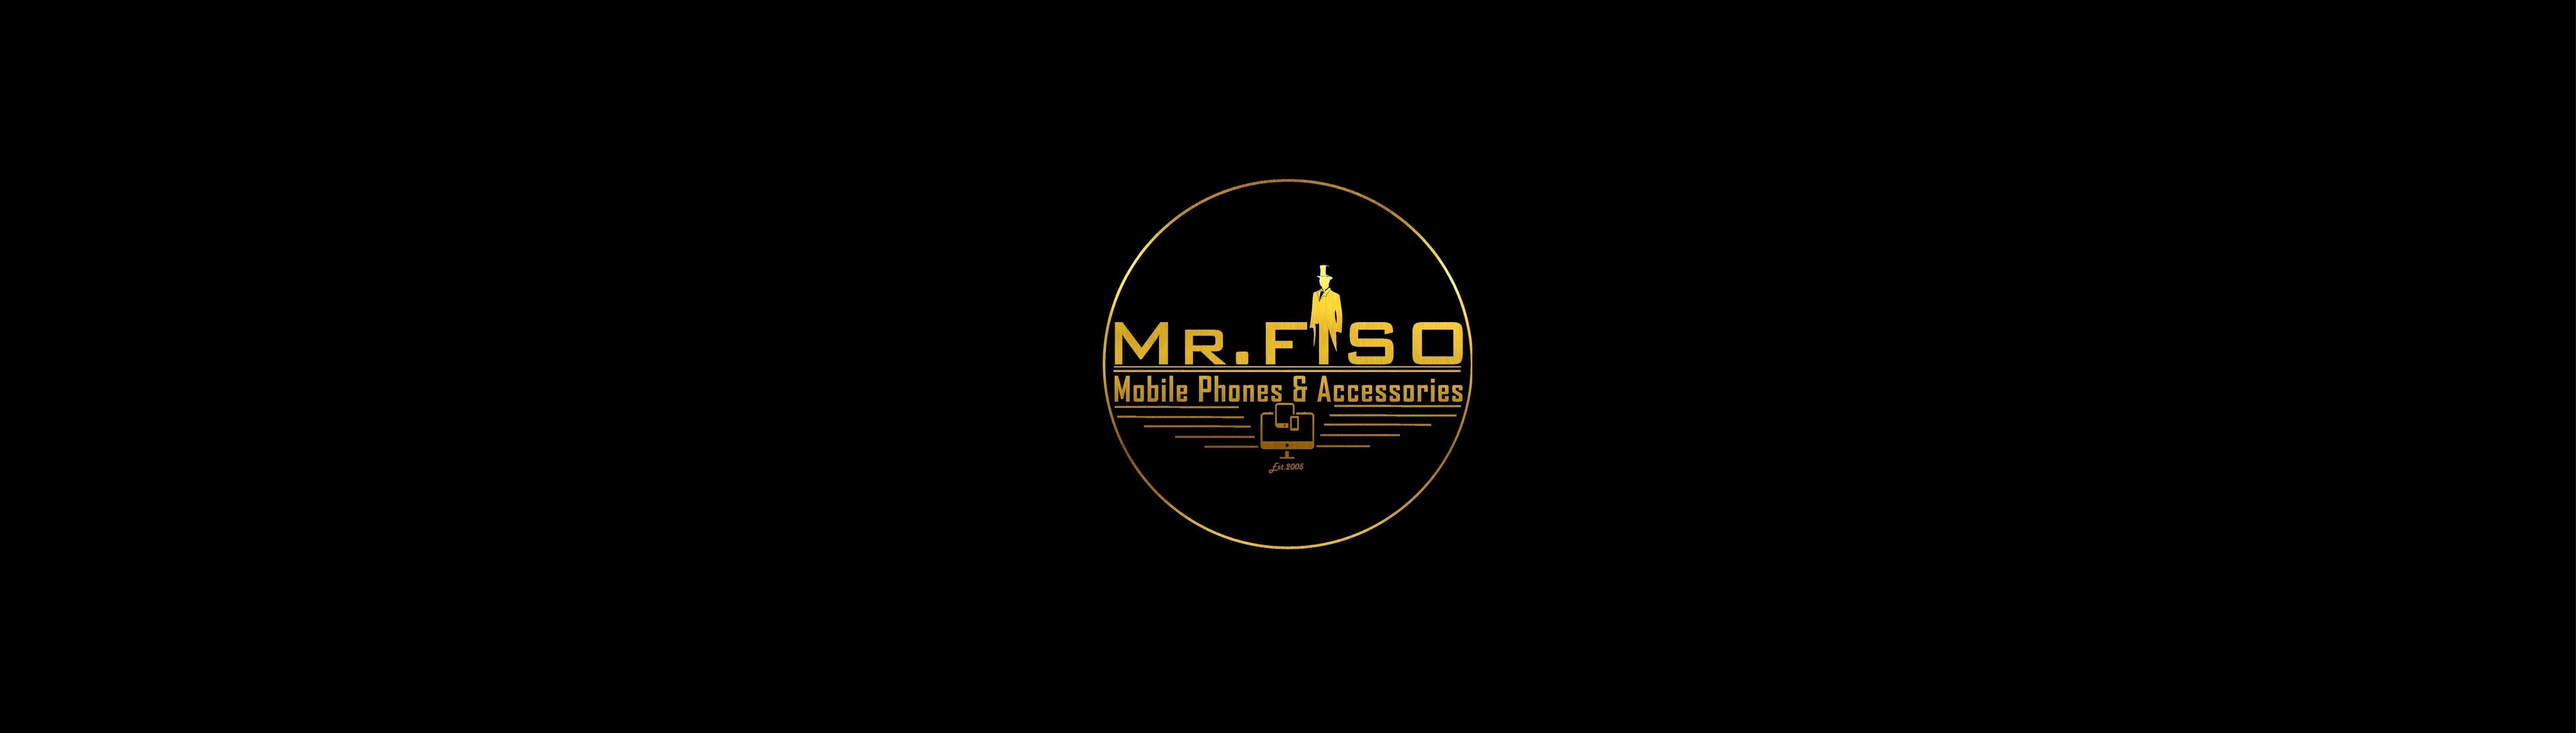 Mr.fiso